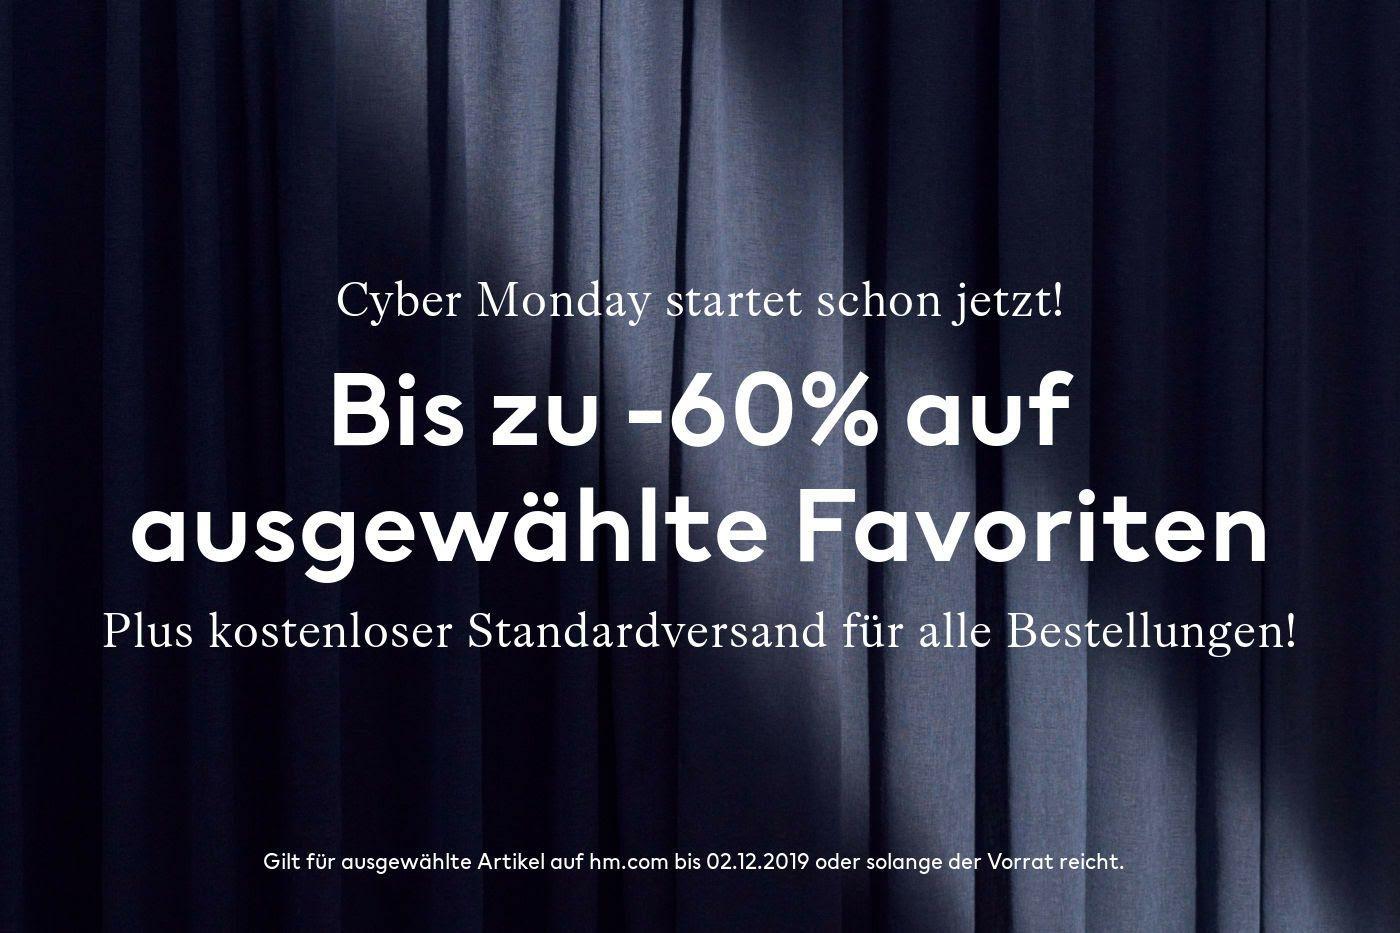 H&M Cyber Monday - Bis zu 60% Rabatt + kostenloser Standardversand